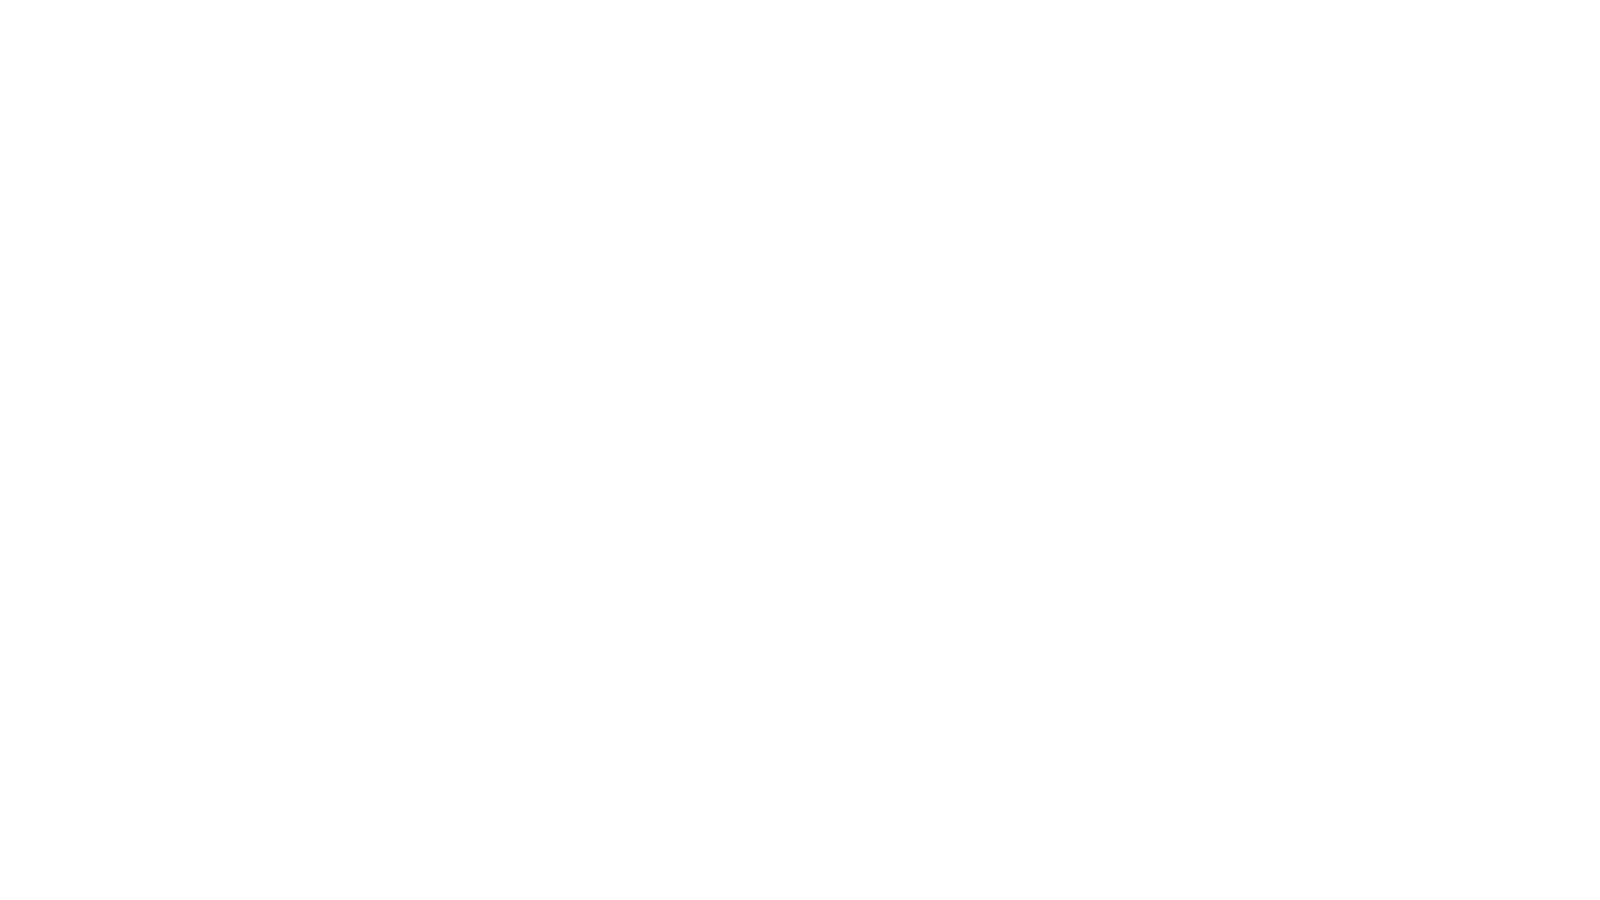 Общественное объединение «Зеленая солидарность» при поддержке управления внутренней политики Алматинской области реализует проект, направленный на повышение экологического сознания и культуры населения.  В рамках проекта будут подготовлены видеоролики с мнениями, идеями и мыслями людей. Также будет выпушен сборник школьных сочинений на тему: «Сделаем наш край лучше». Приглашаем желающих принять участие в проекте.  whatsapp: +7 778 44 44 303 Собираясь на субботник, хотя бы раз в месяц можно приучить людей к бережному отношению к природе, уверен житель Талдыкоргана